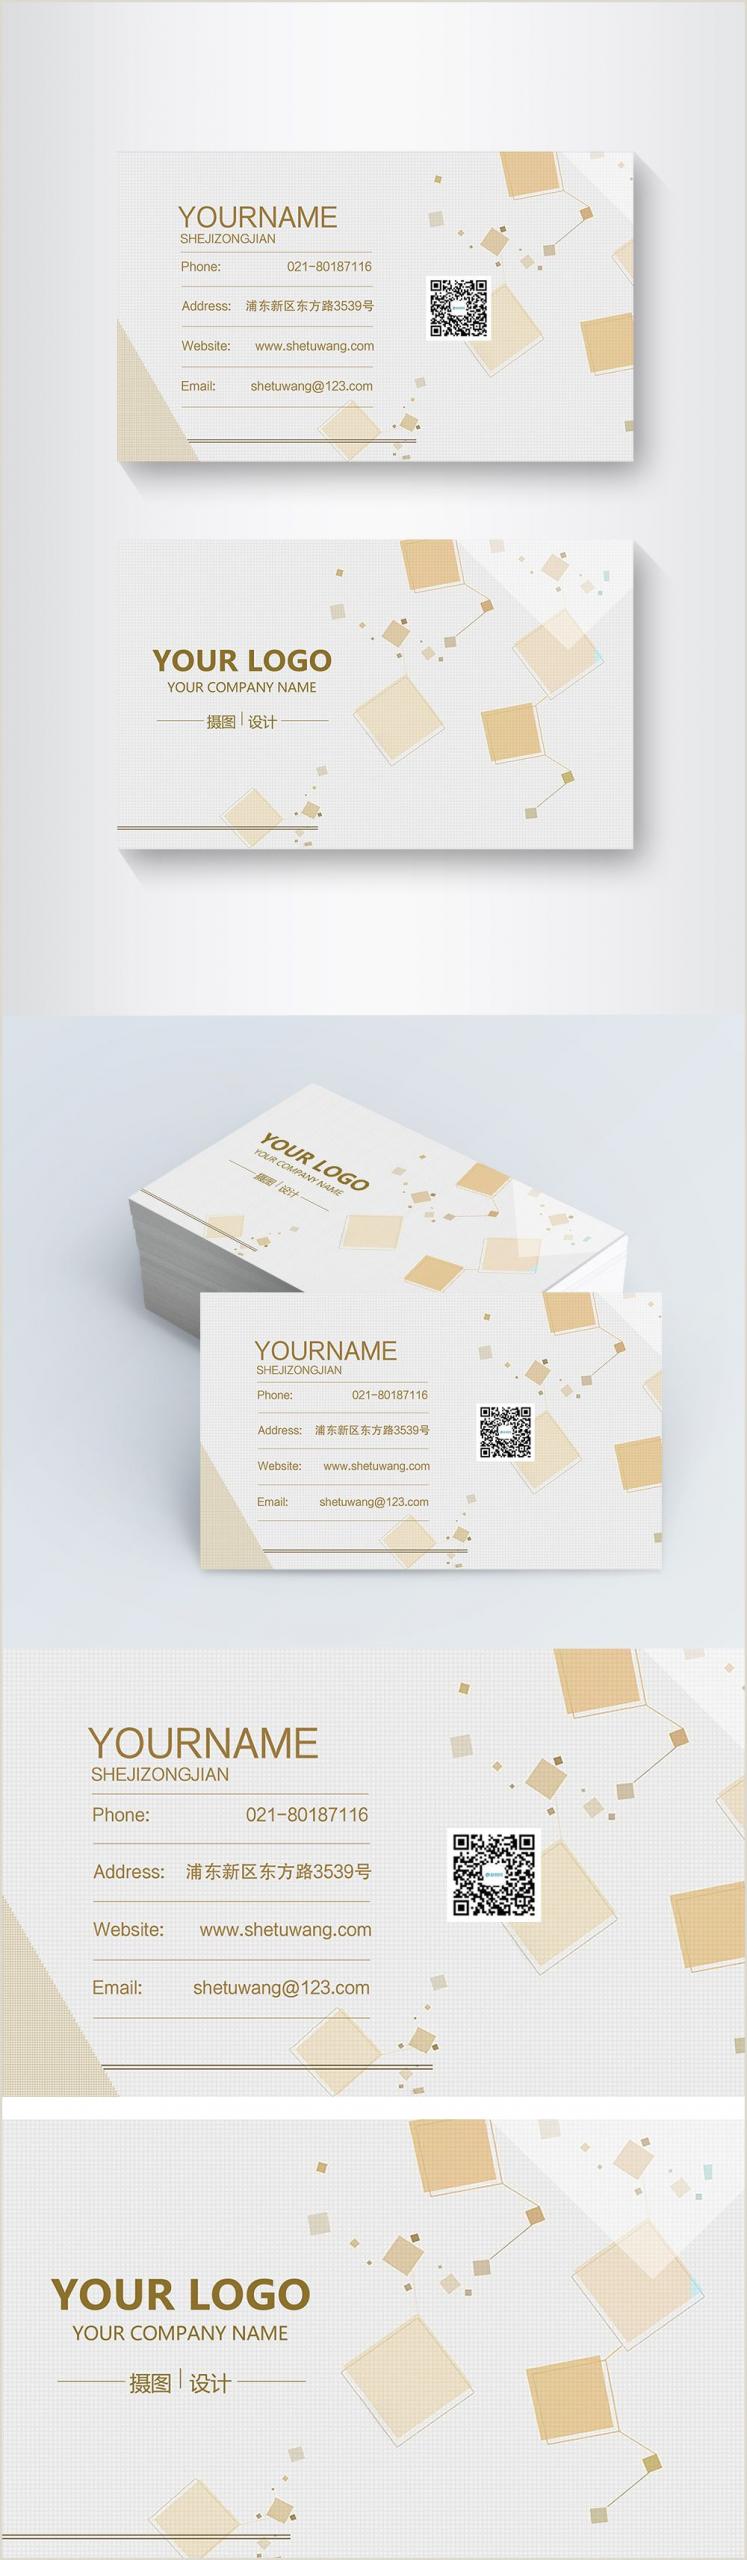 """Party Best Business Cards 노란 그래""""½ 카드 설계 …œ""""Œë¦¿ 오버랩 노란 기•˜ 도˜• 중복"""